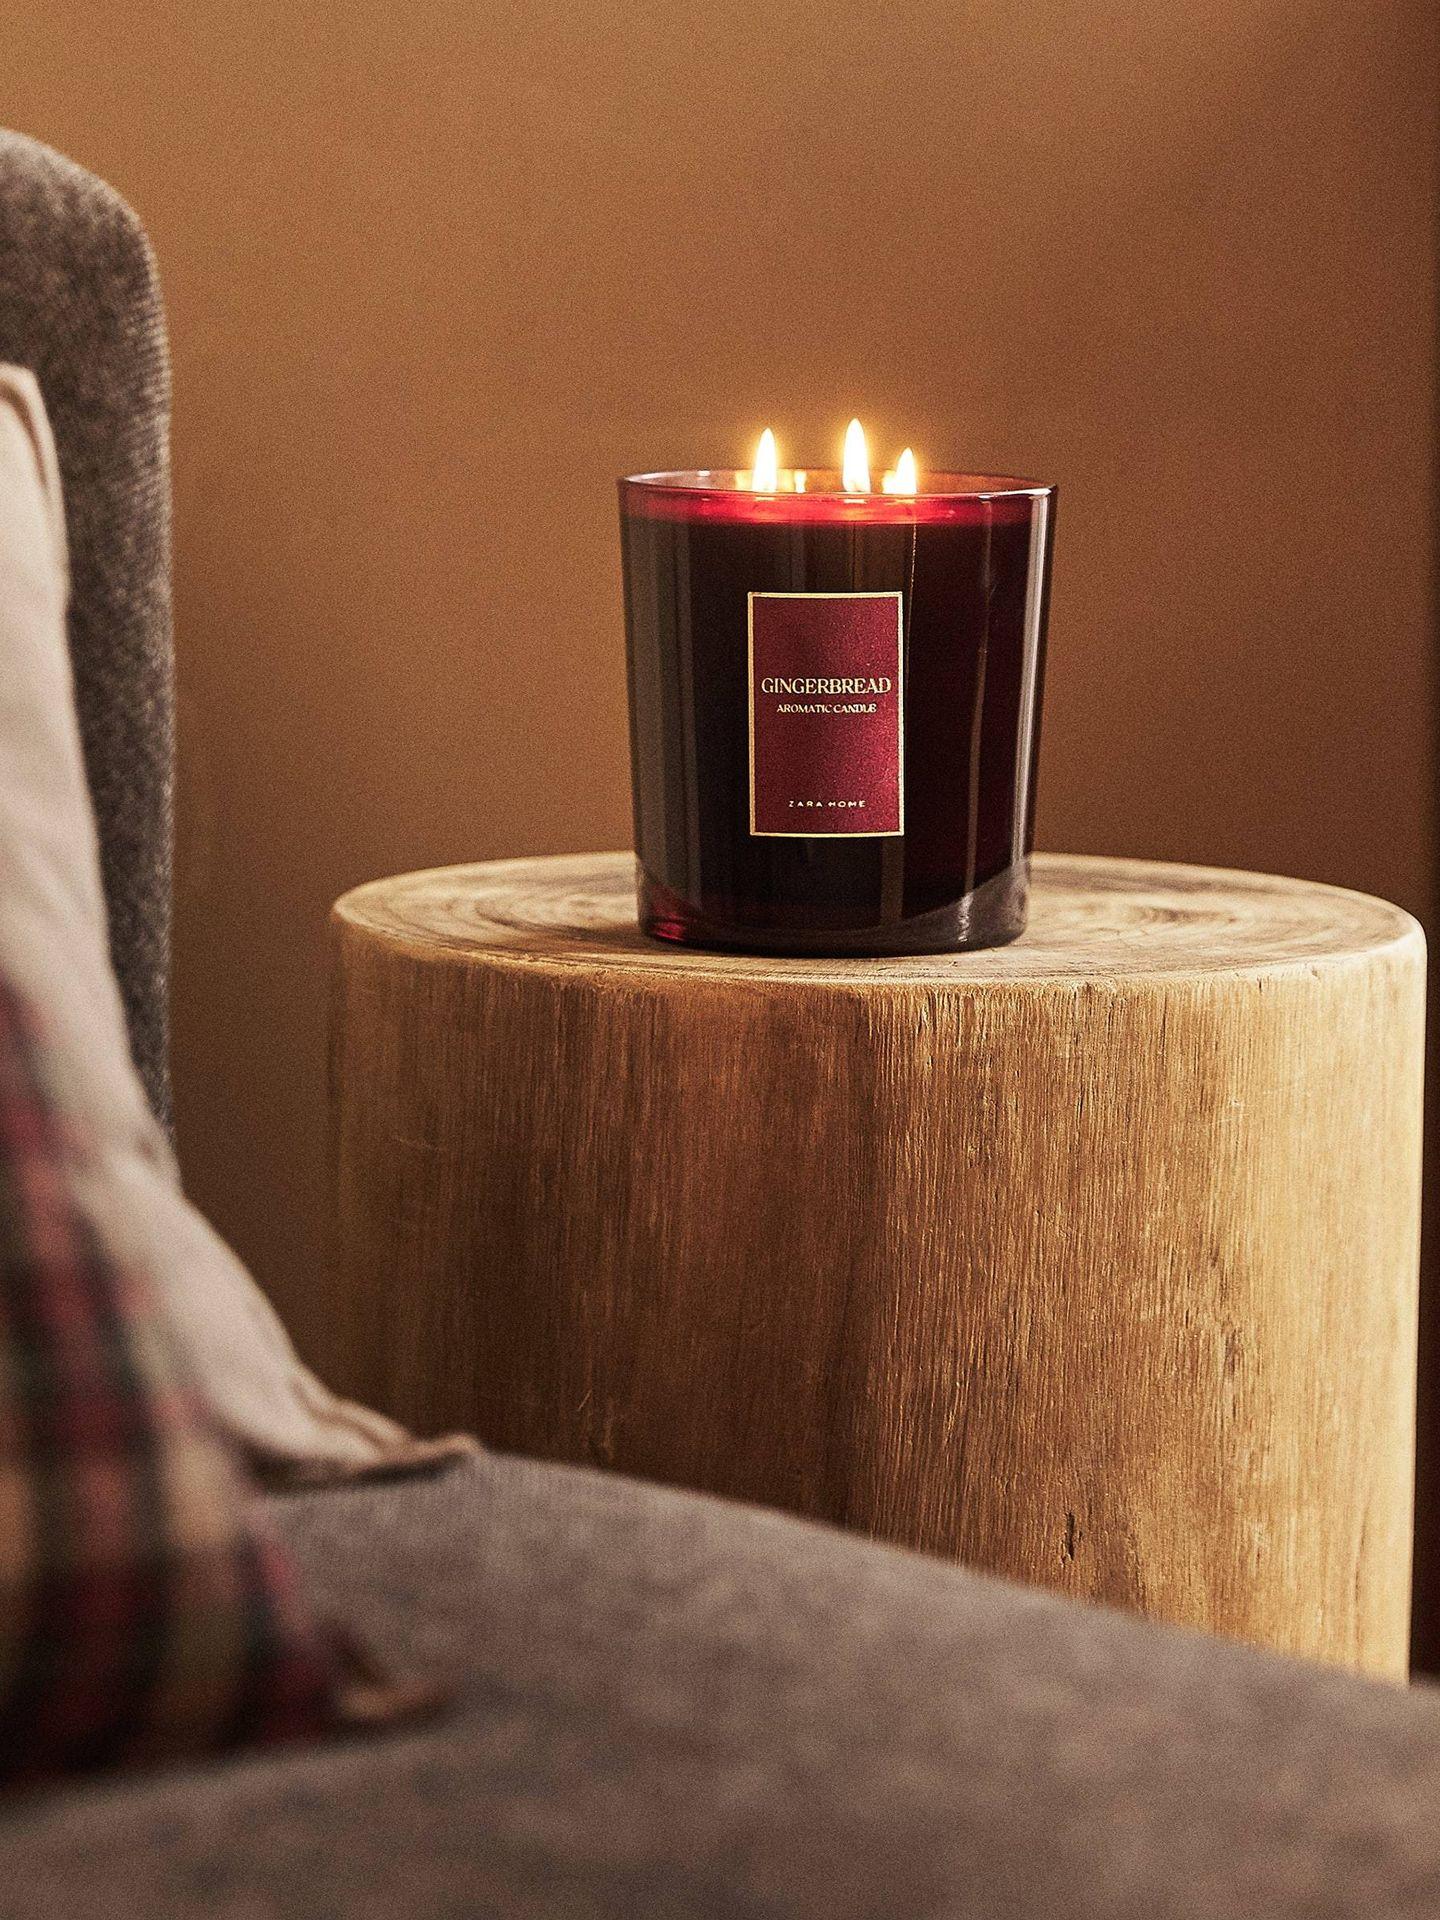 La vela adquirida por doña Letizia. (Zara Home)